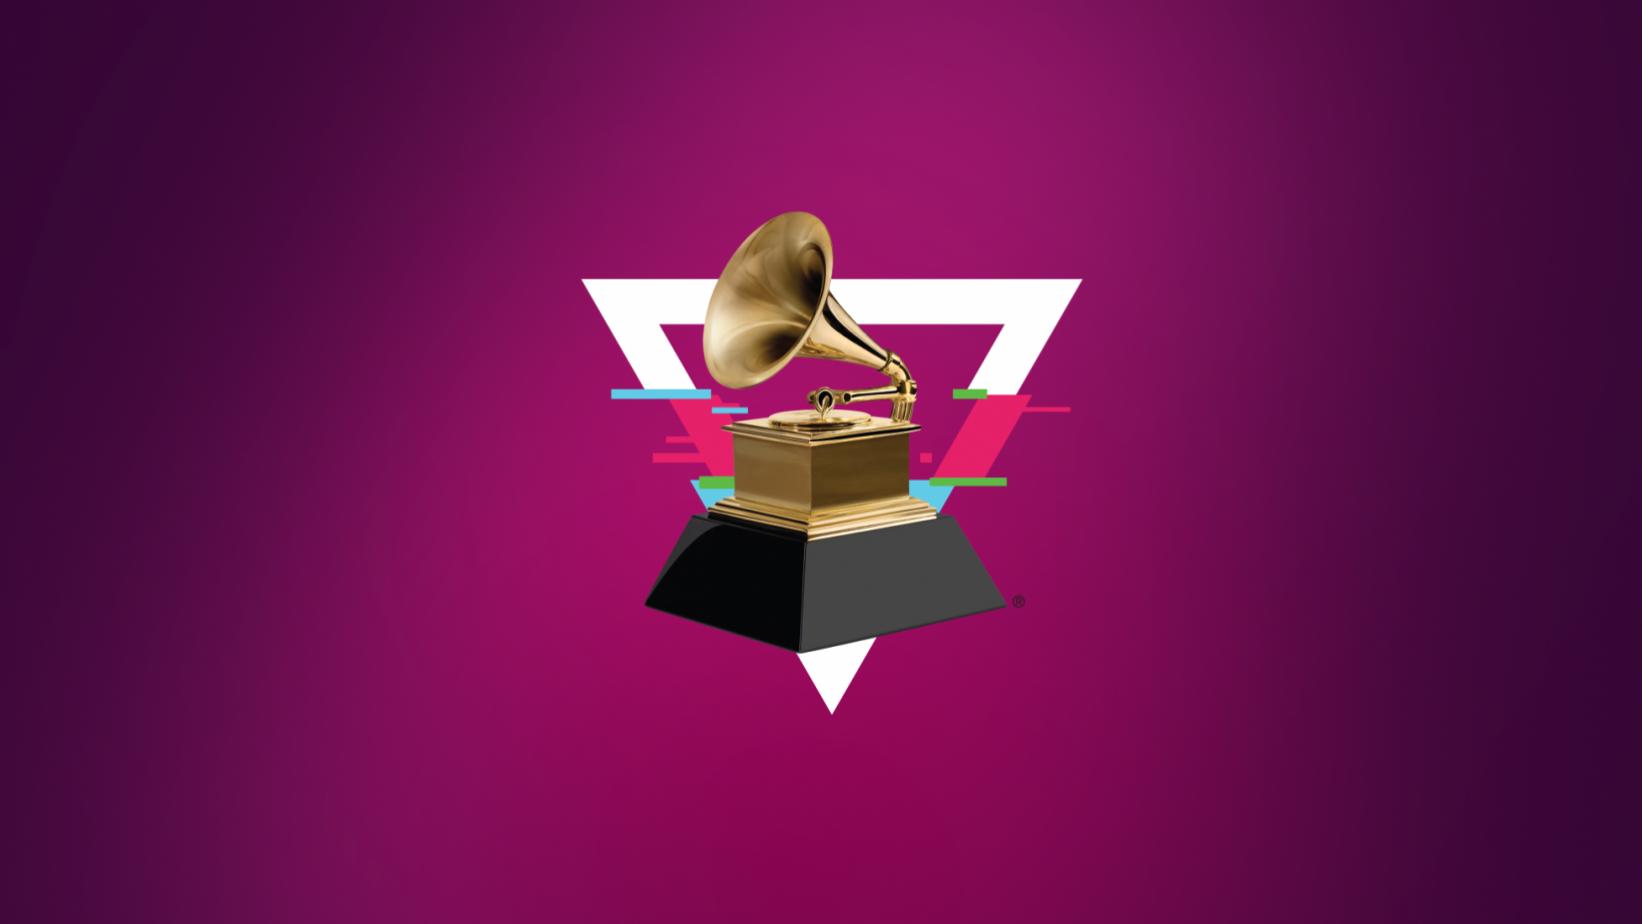 les nominations des prix grammy 2020 le canal auditif